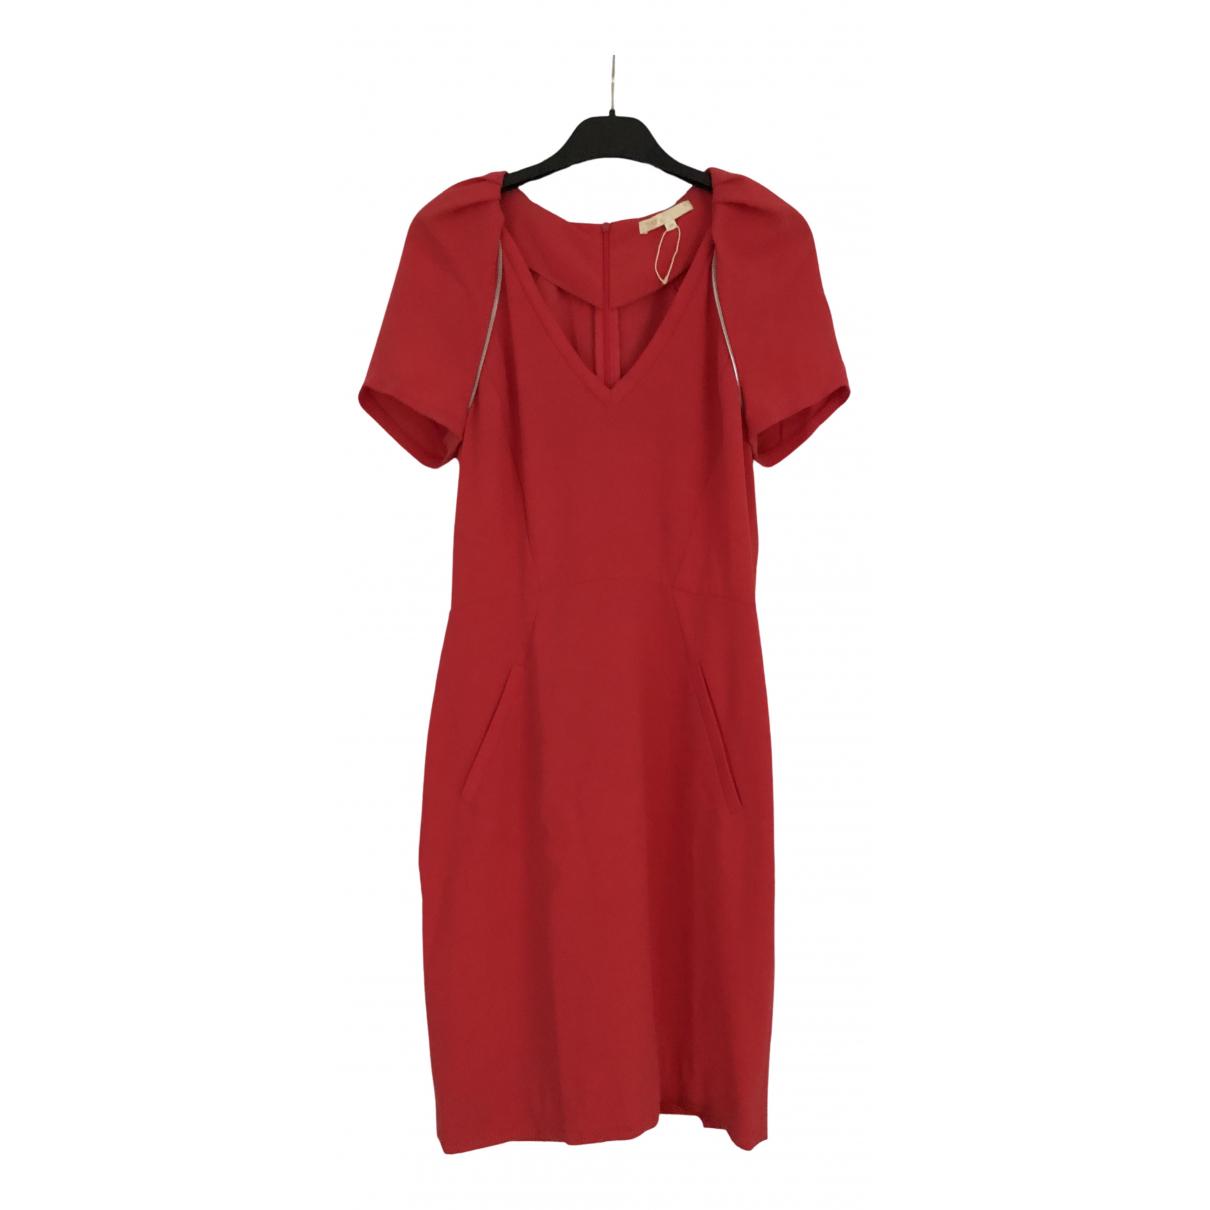 Maje \N Kleid in  Rot Synthetik